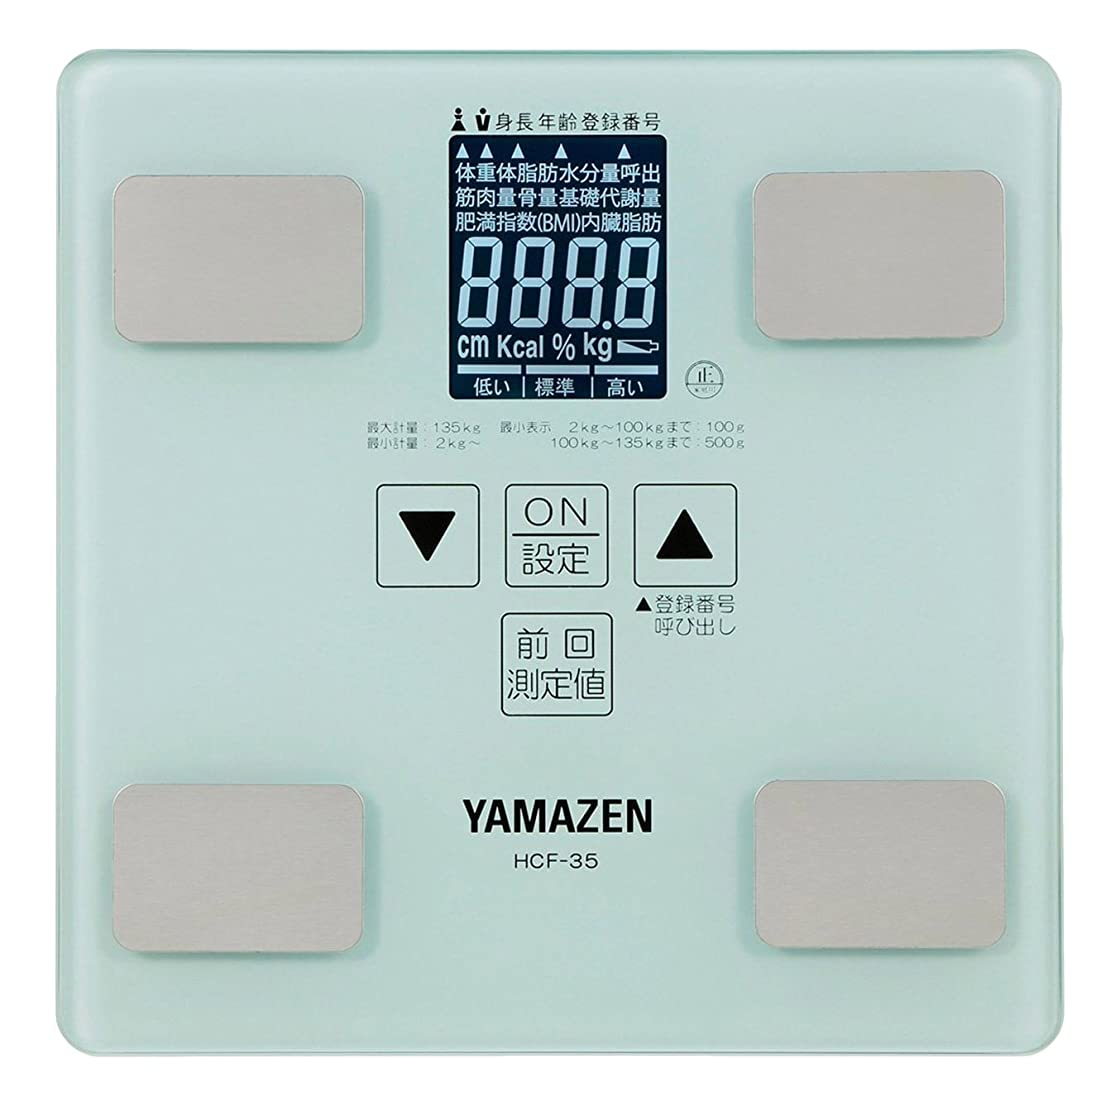 ピラミッドキャプテンブライあからさま山善 体重計 体組成計 (登録人数5人分) 8機能(体脂肪/水分量/筋肉量/骨量/基礎代謝量/BMI/内臓脂肪/体重) ホワイト HCF-35(W)